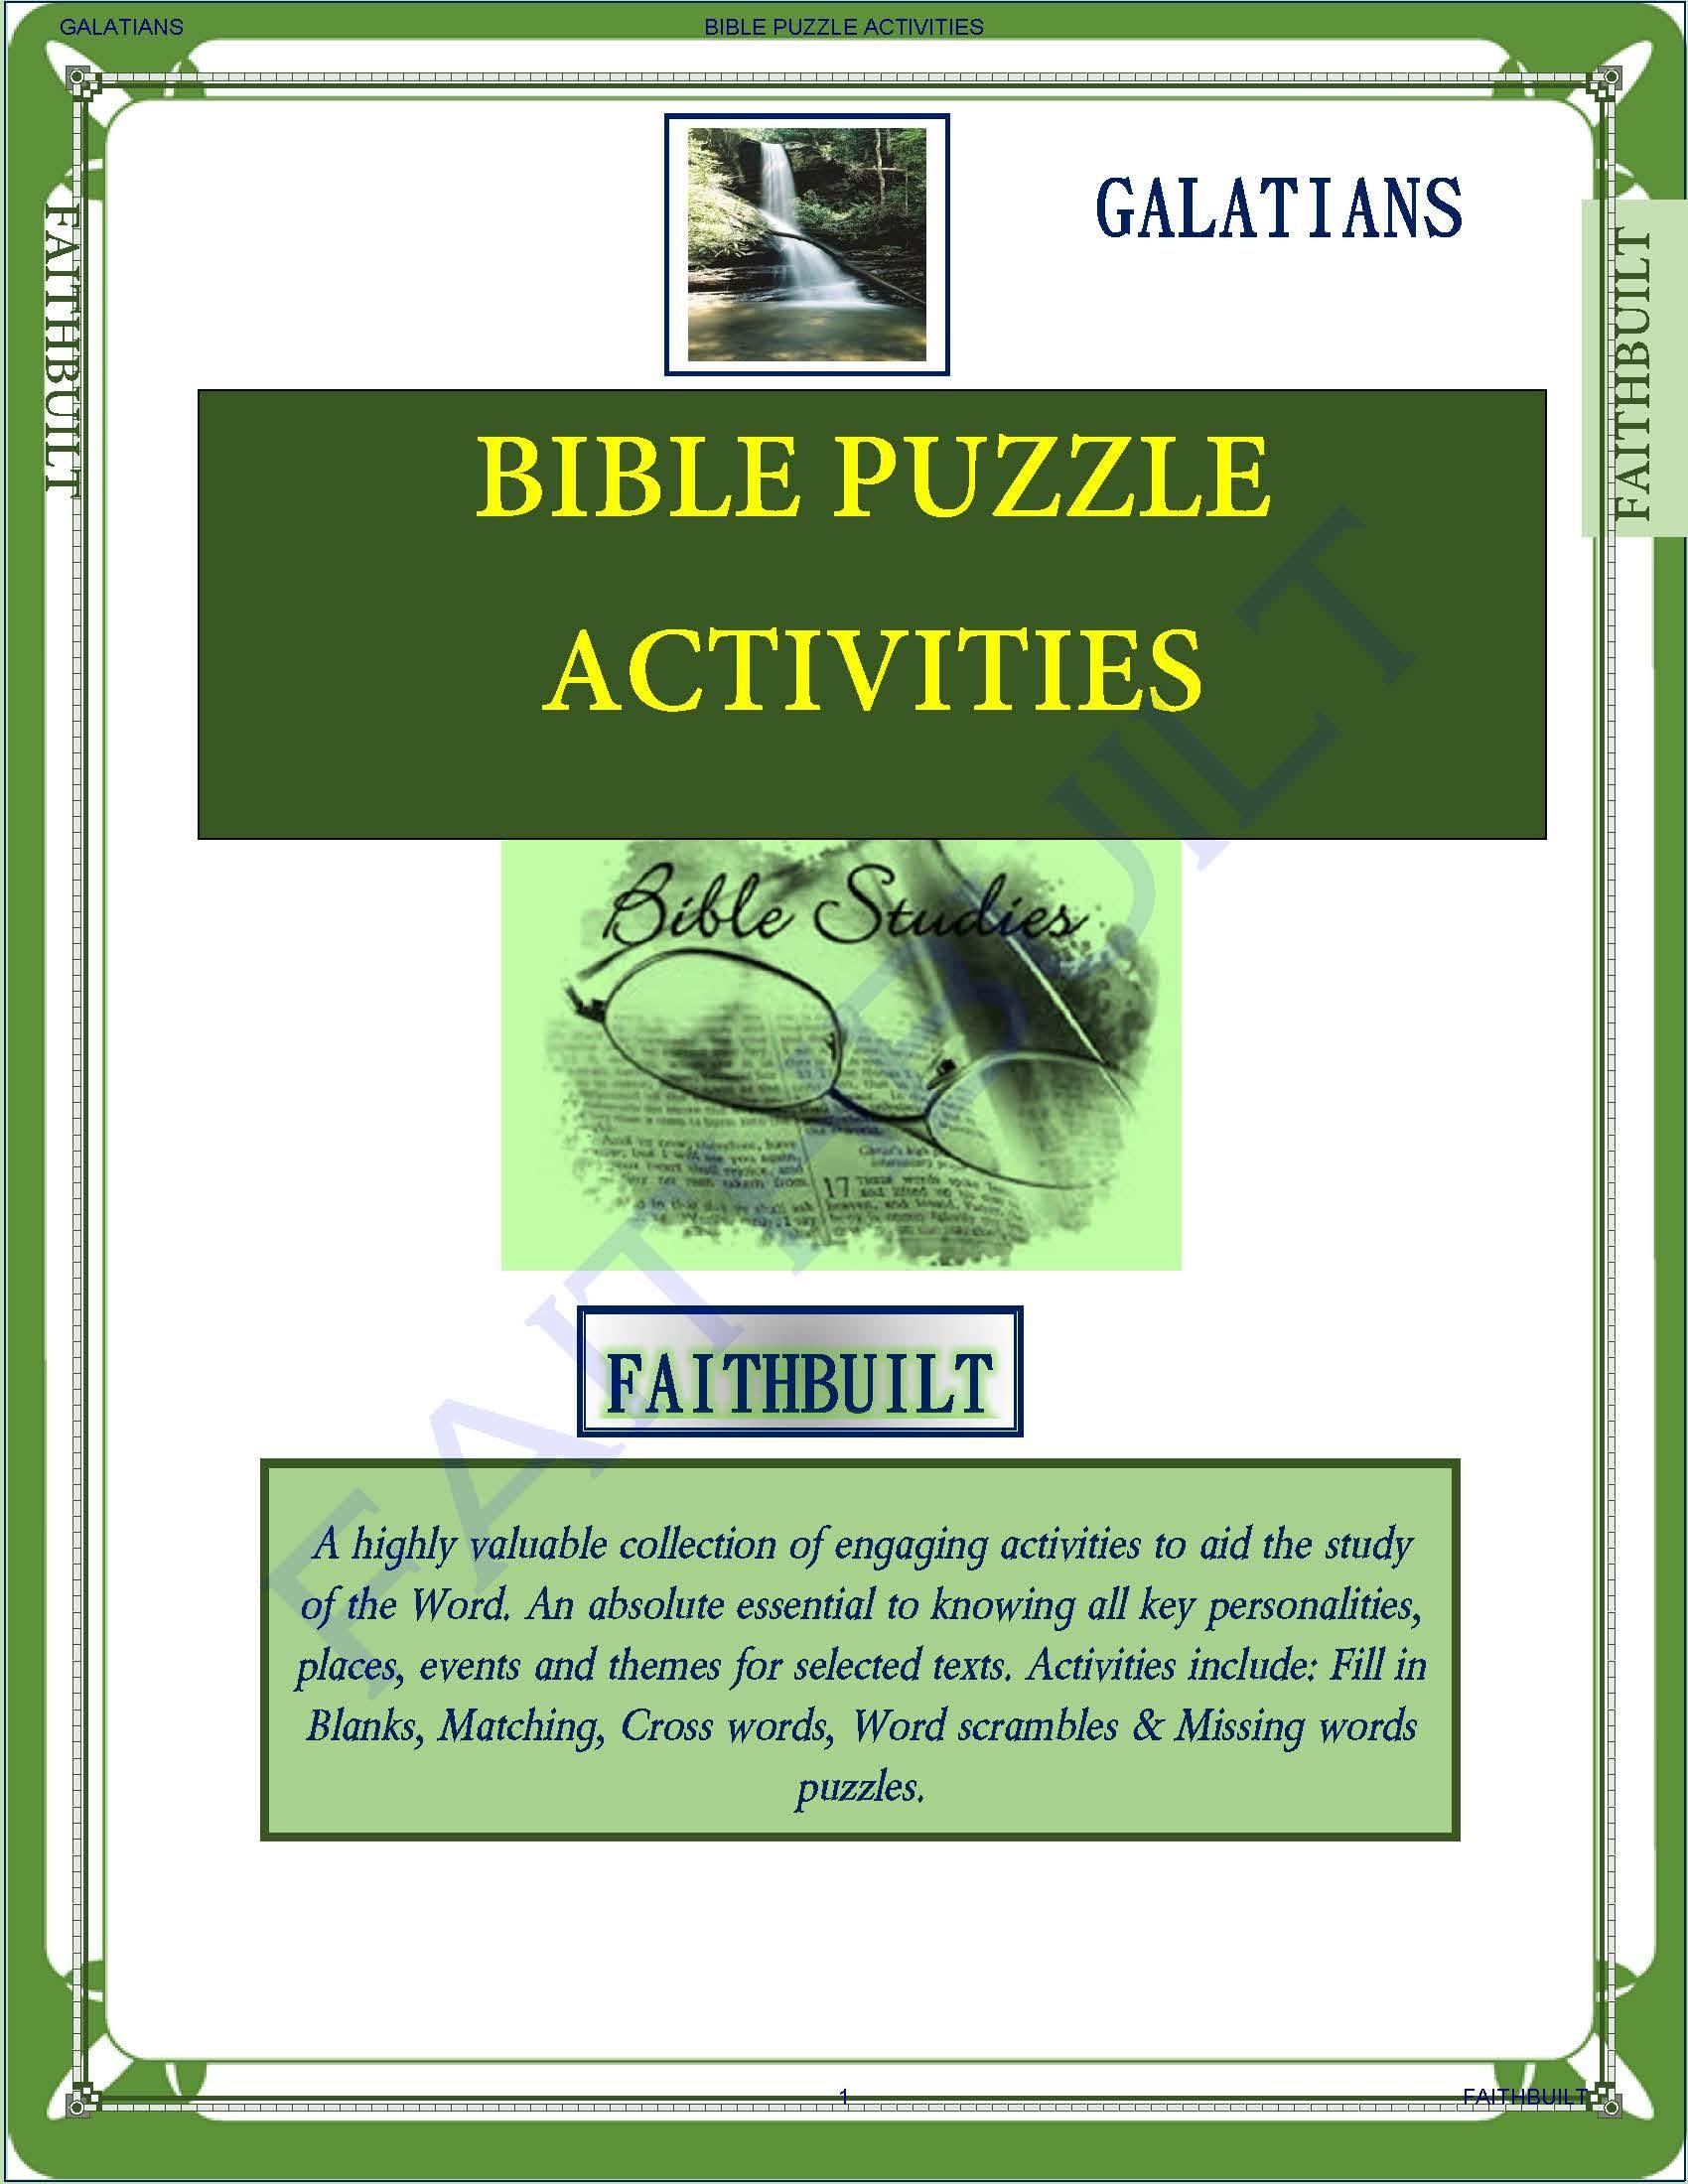 GALATIANS - BIBLE PUZZLES & ACTIVITIES